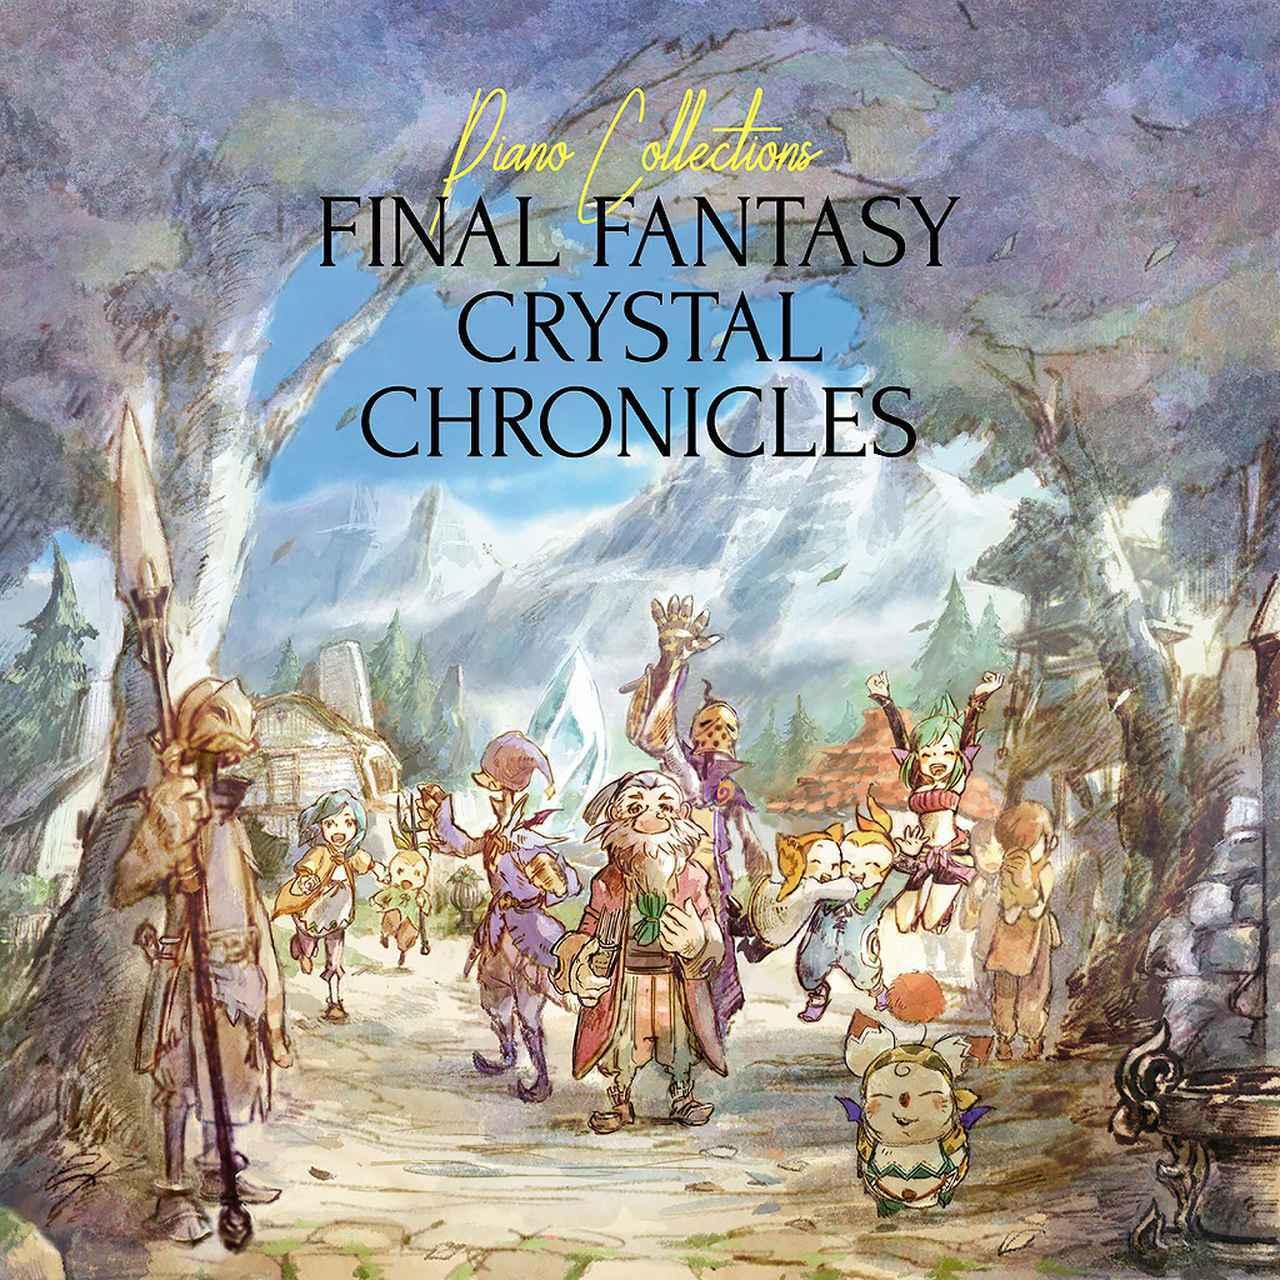 画像: Piano Collections FINAL FANTASY CRYSTAL CHRONICLES / 谷岡 久美